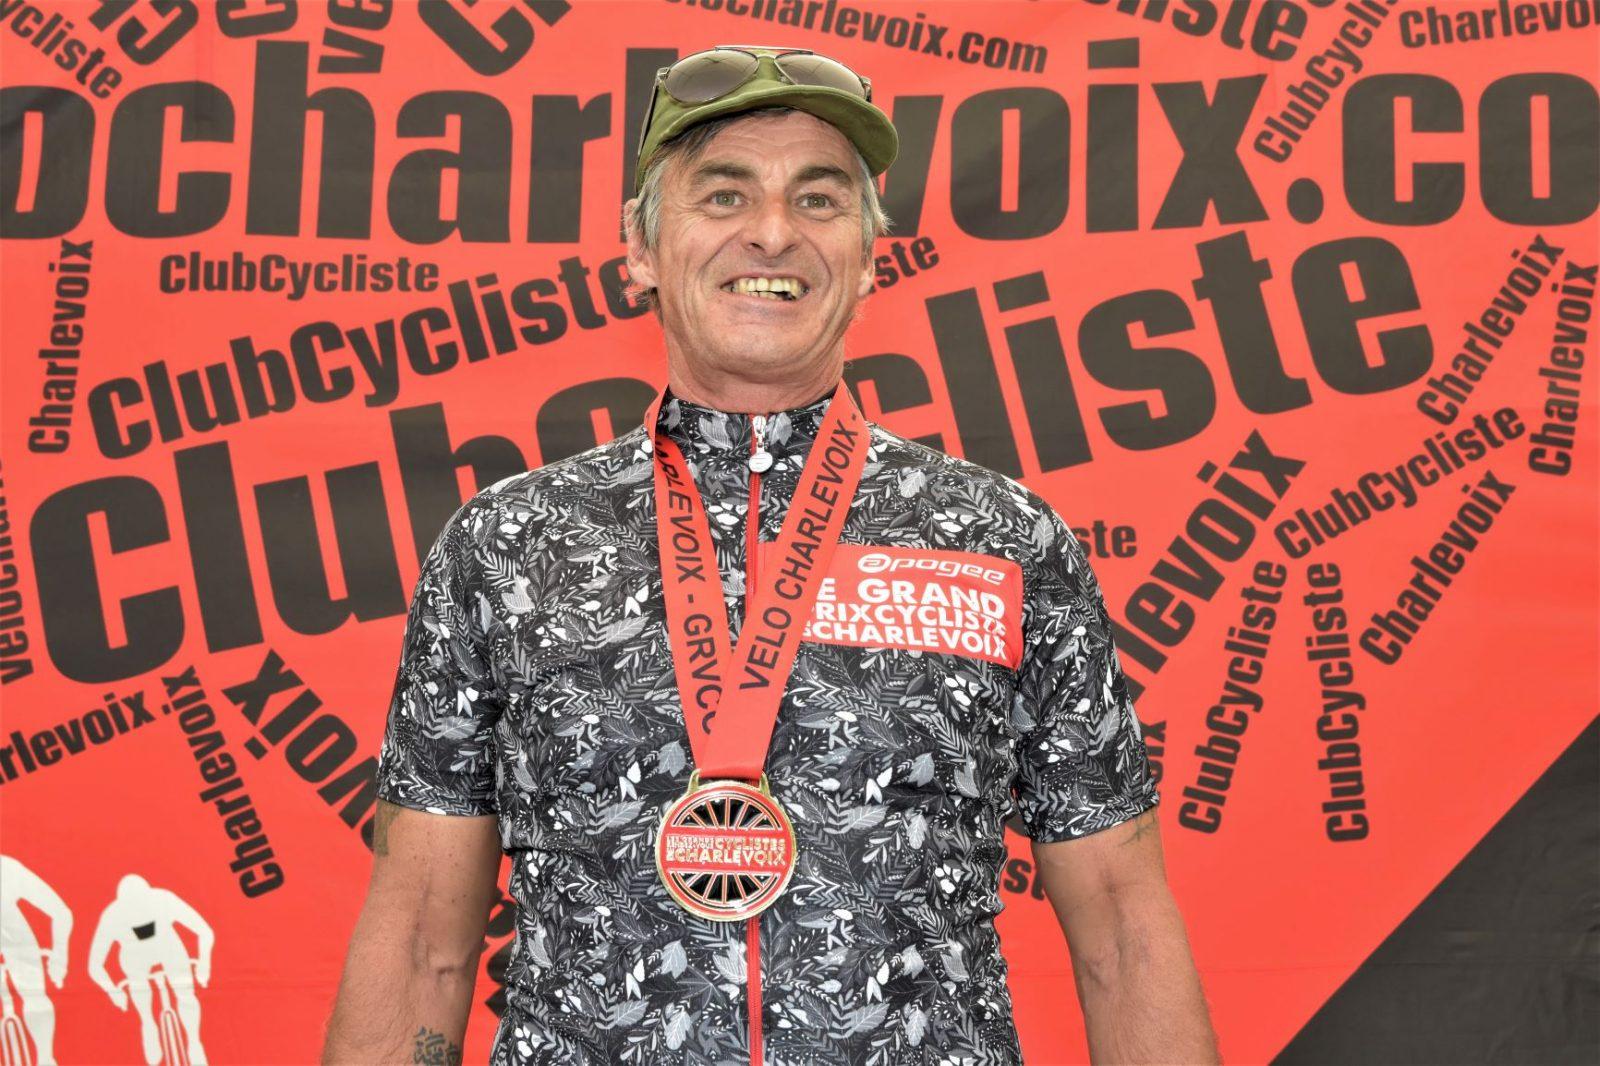 Inspiré par le Grand Prix Cycliste de Charlevoix